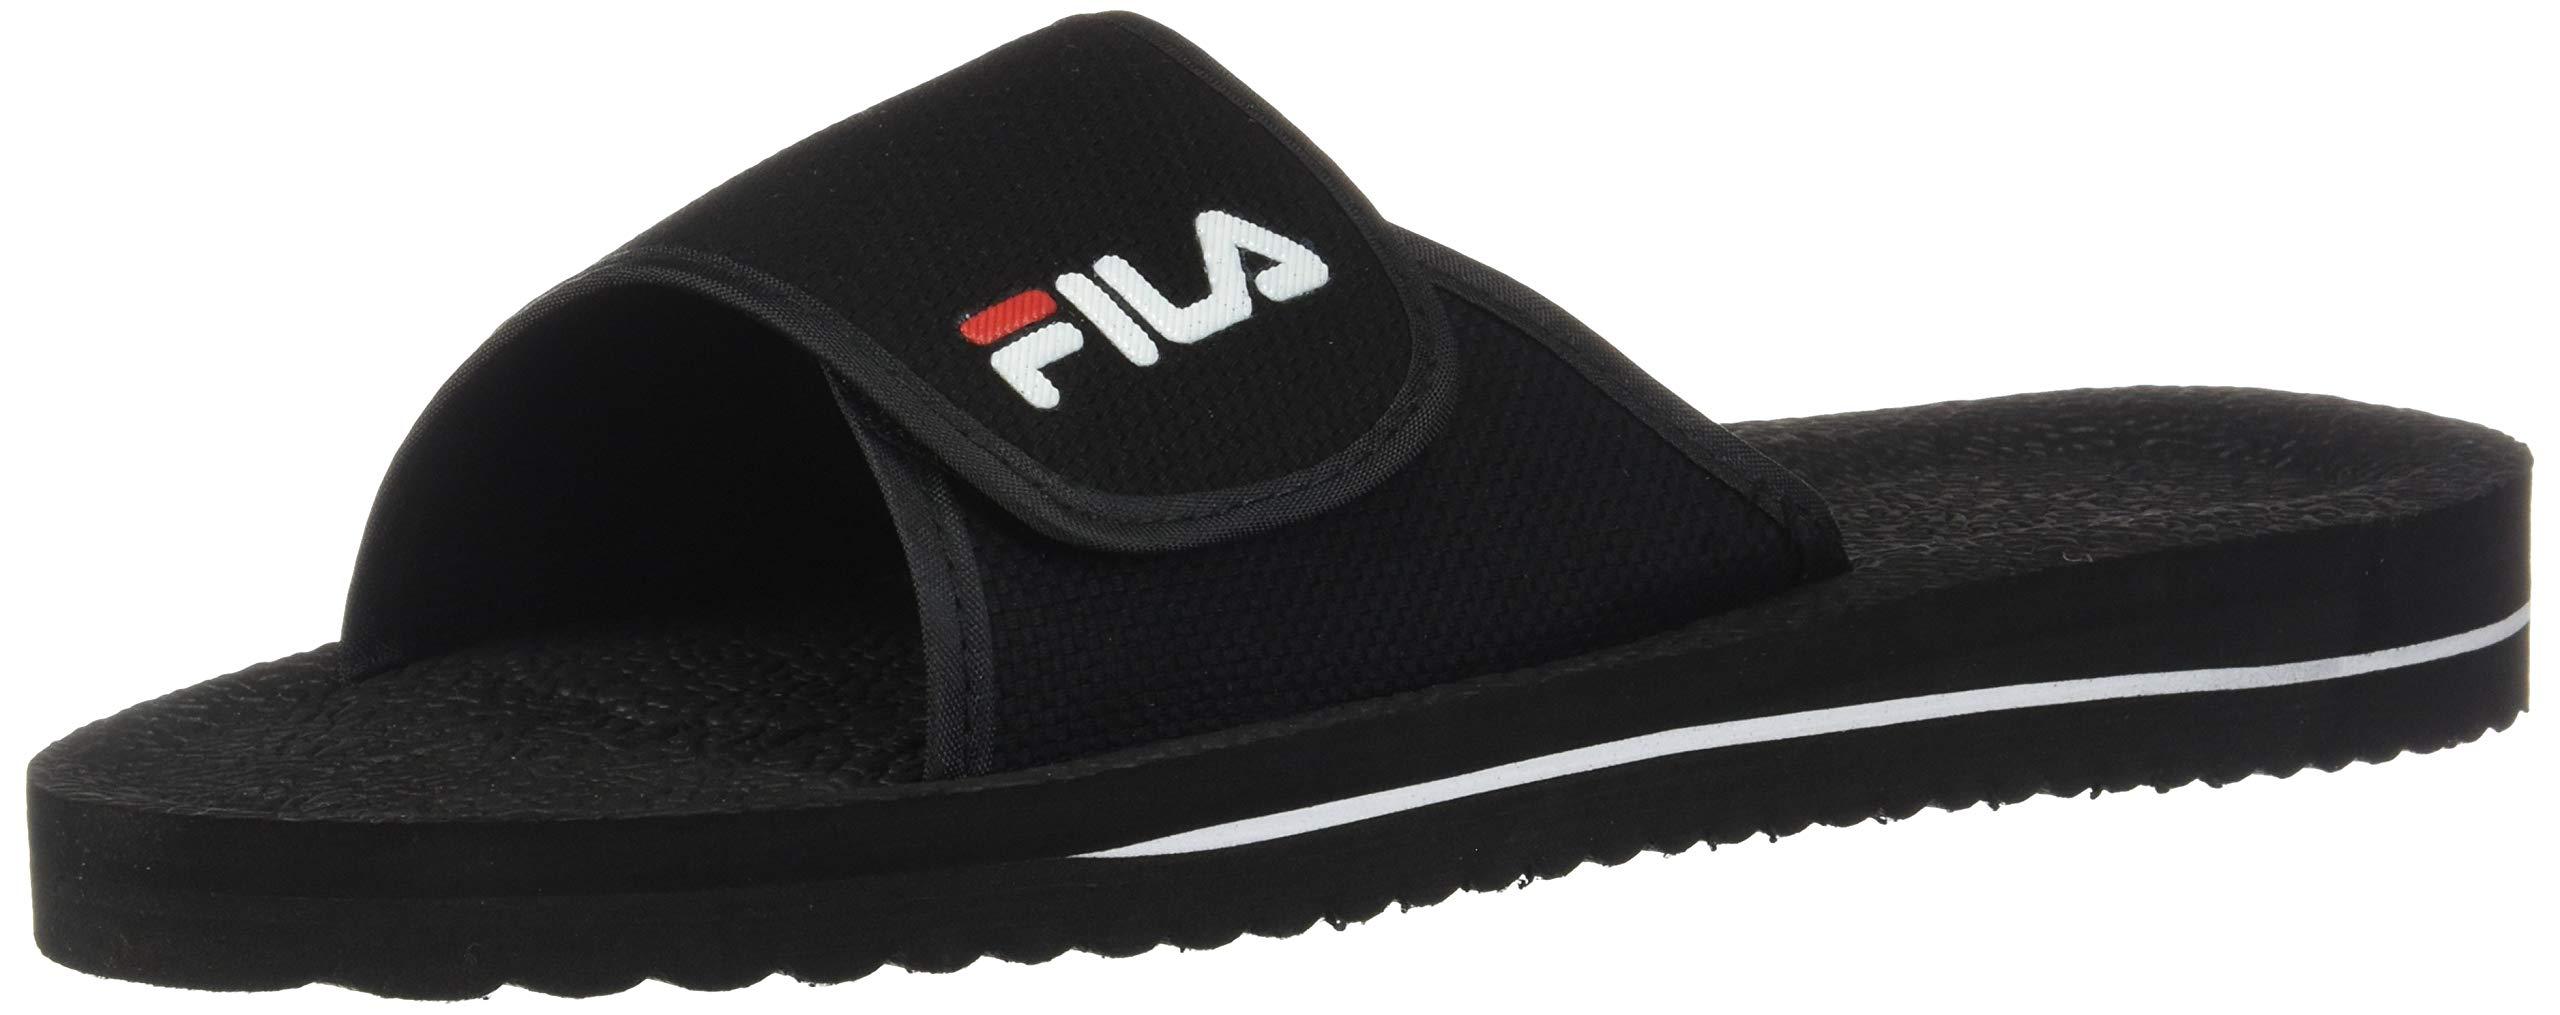 Fila Men's Slip On Sandal,Black/White/Red,4 M US by Fila